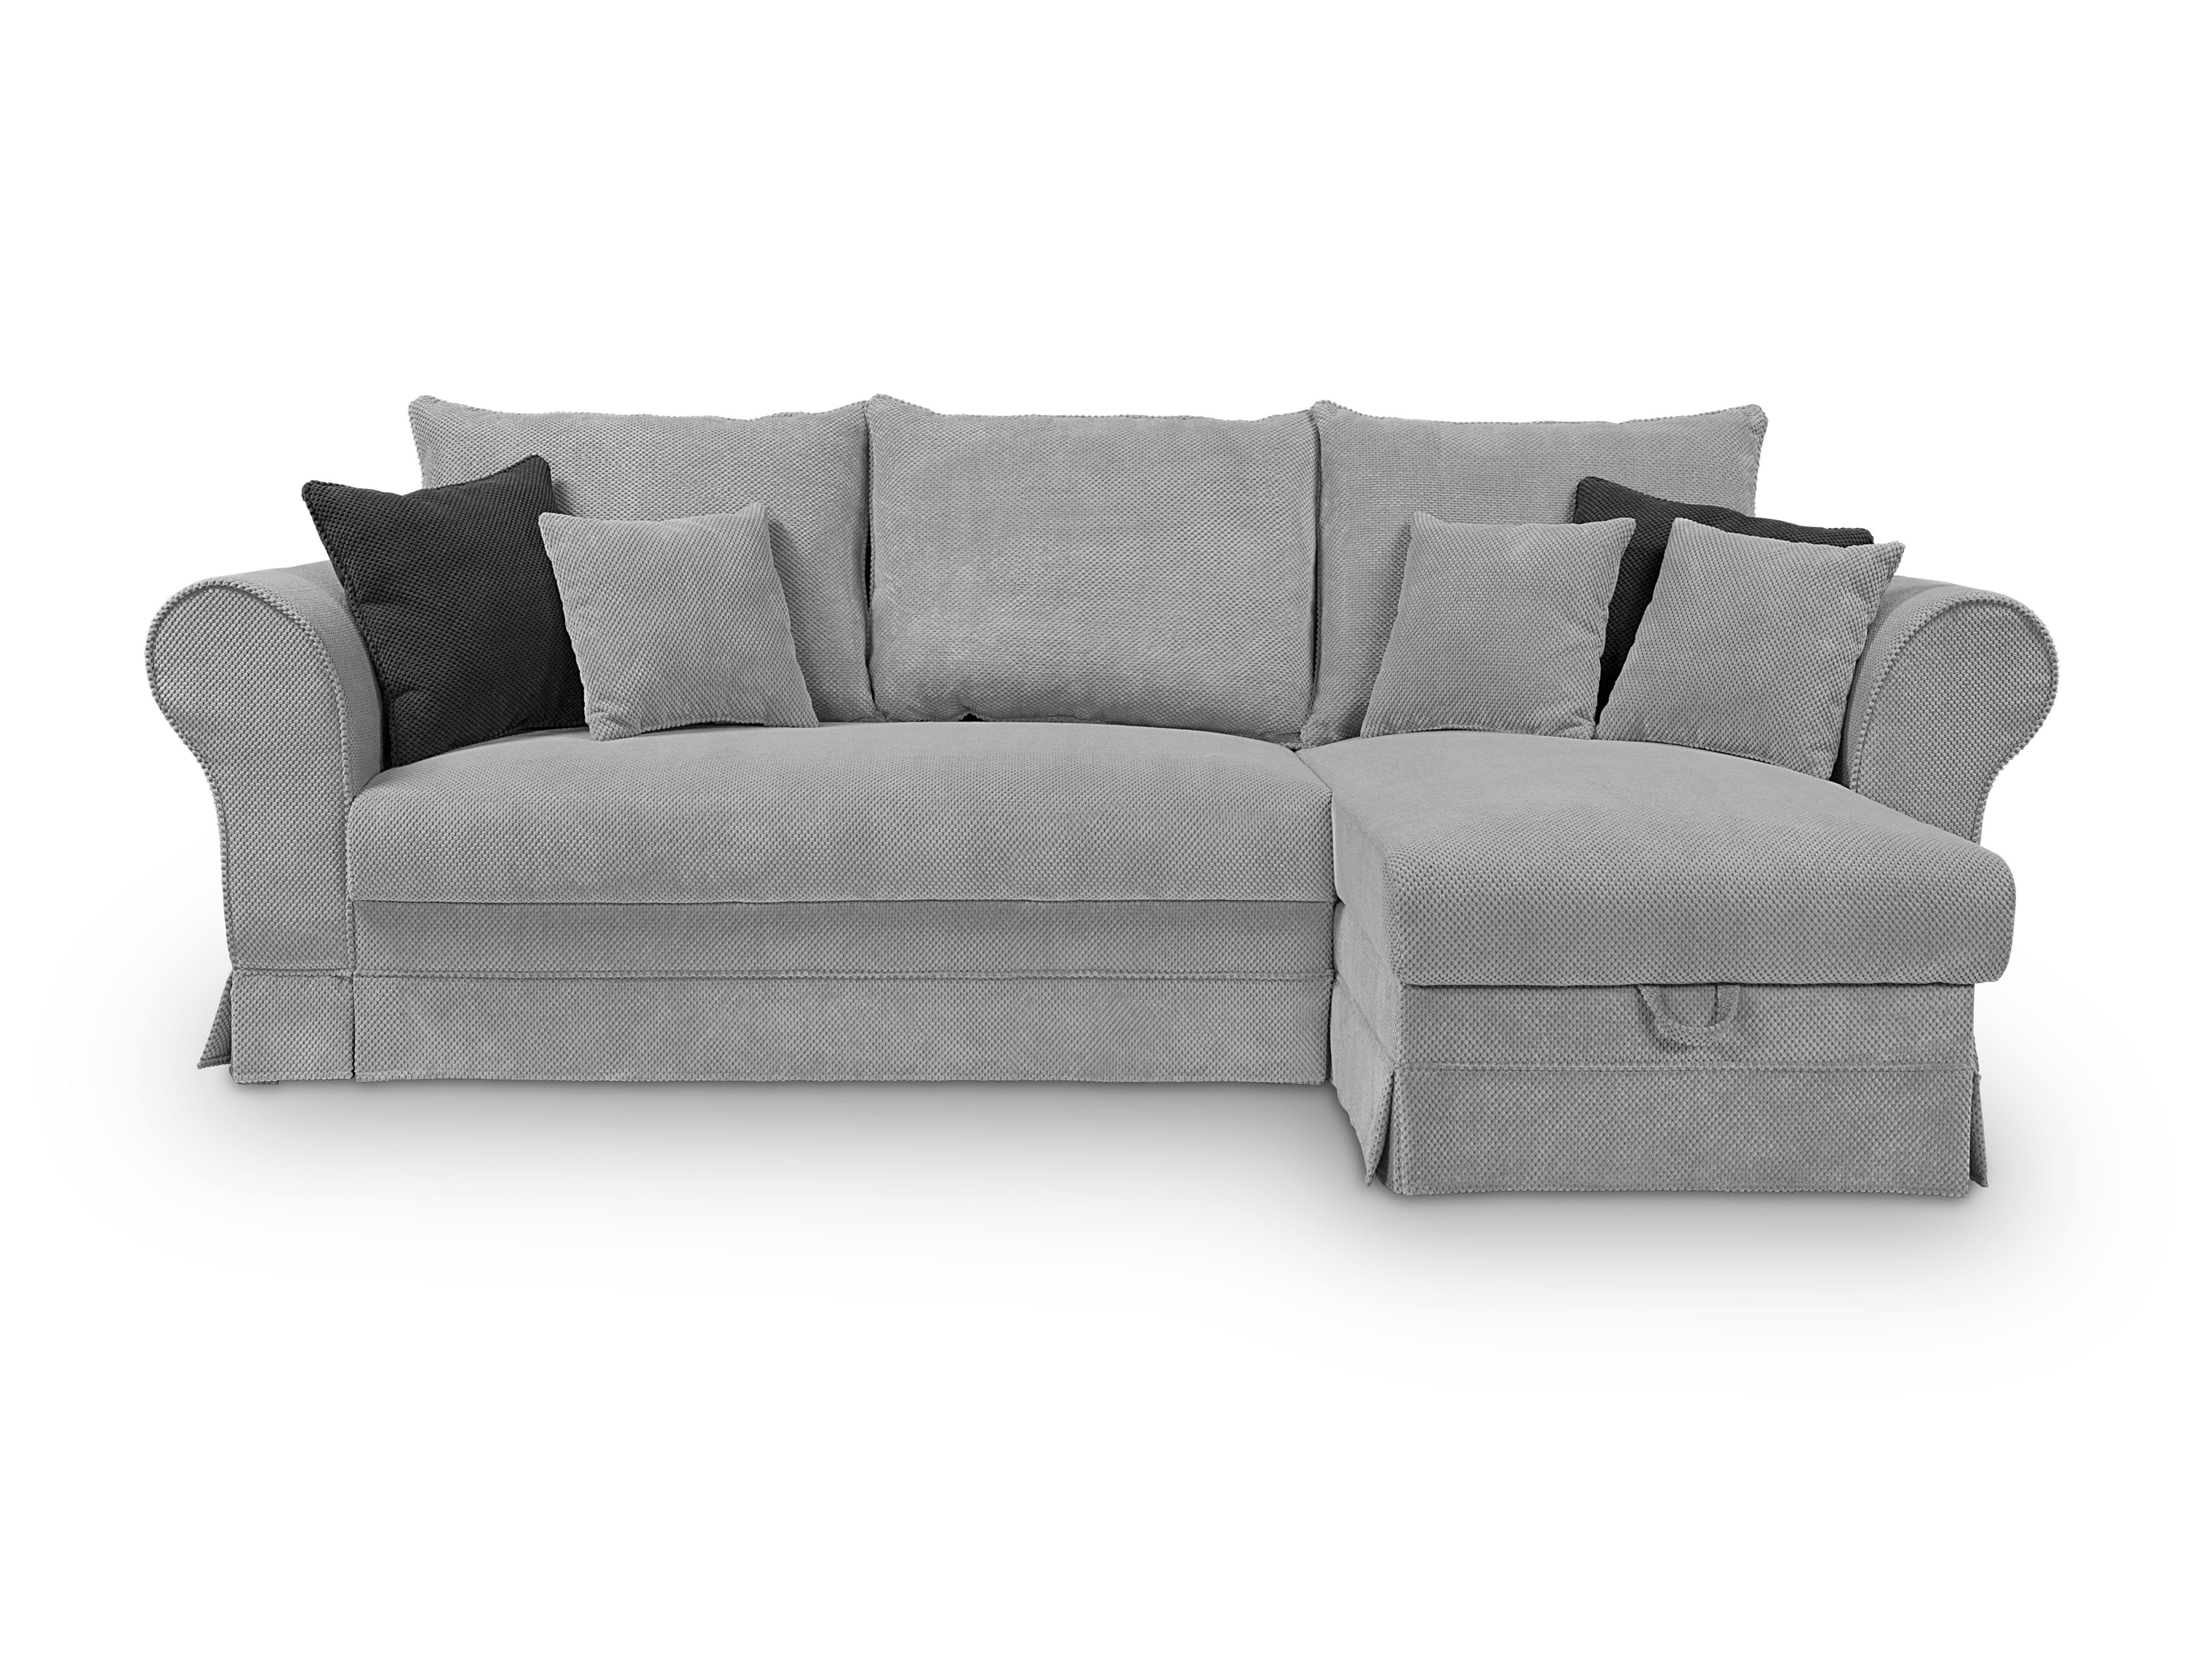 Rohová sedací souprava - BRW - Margaret Lux 3DL.URCBK (šedá) (P)